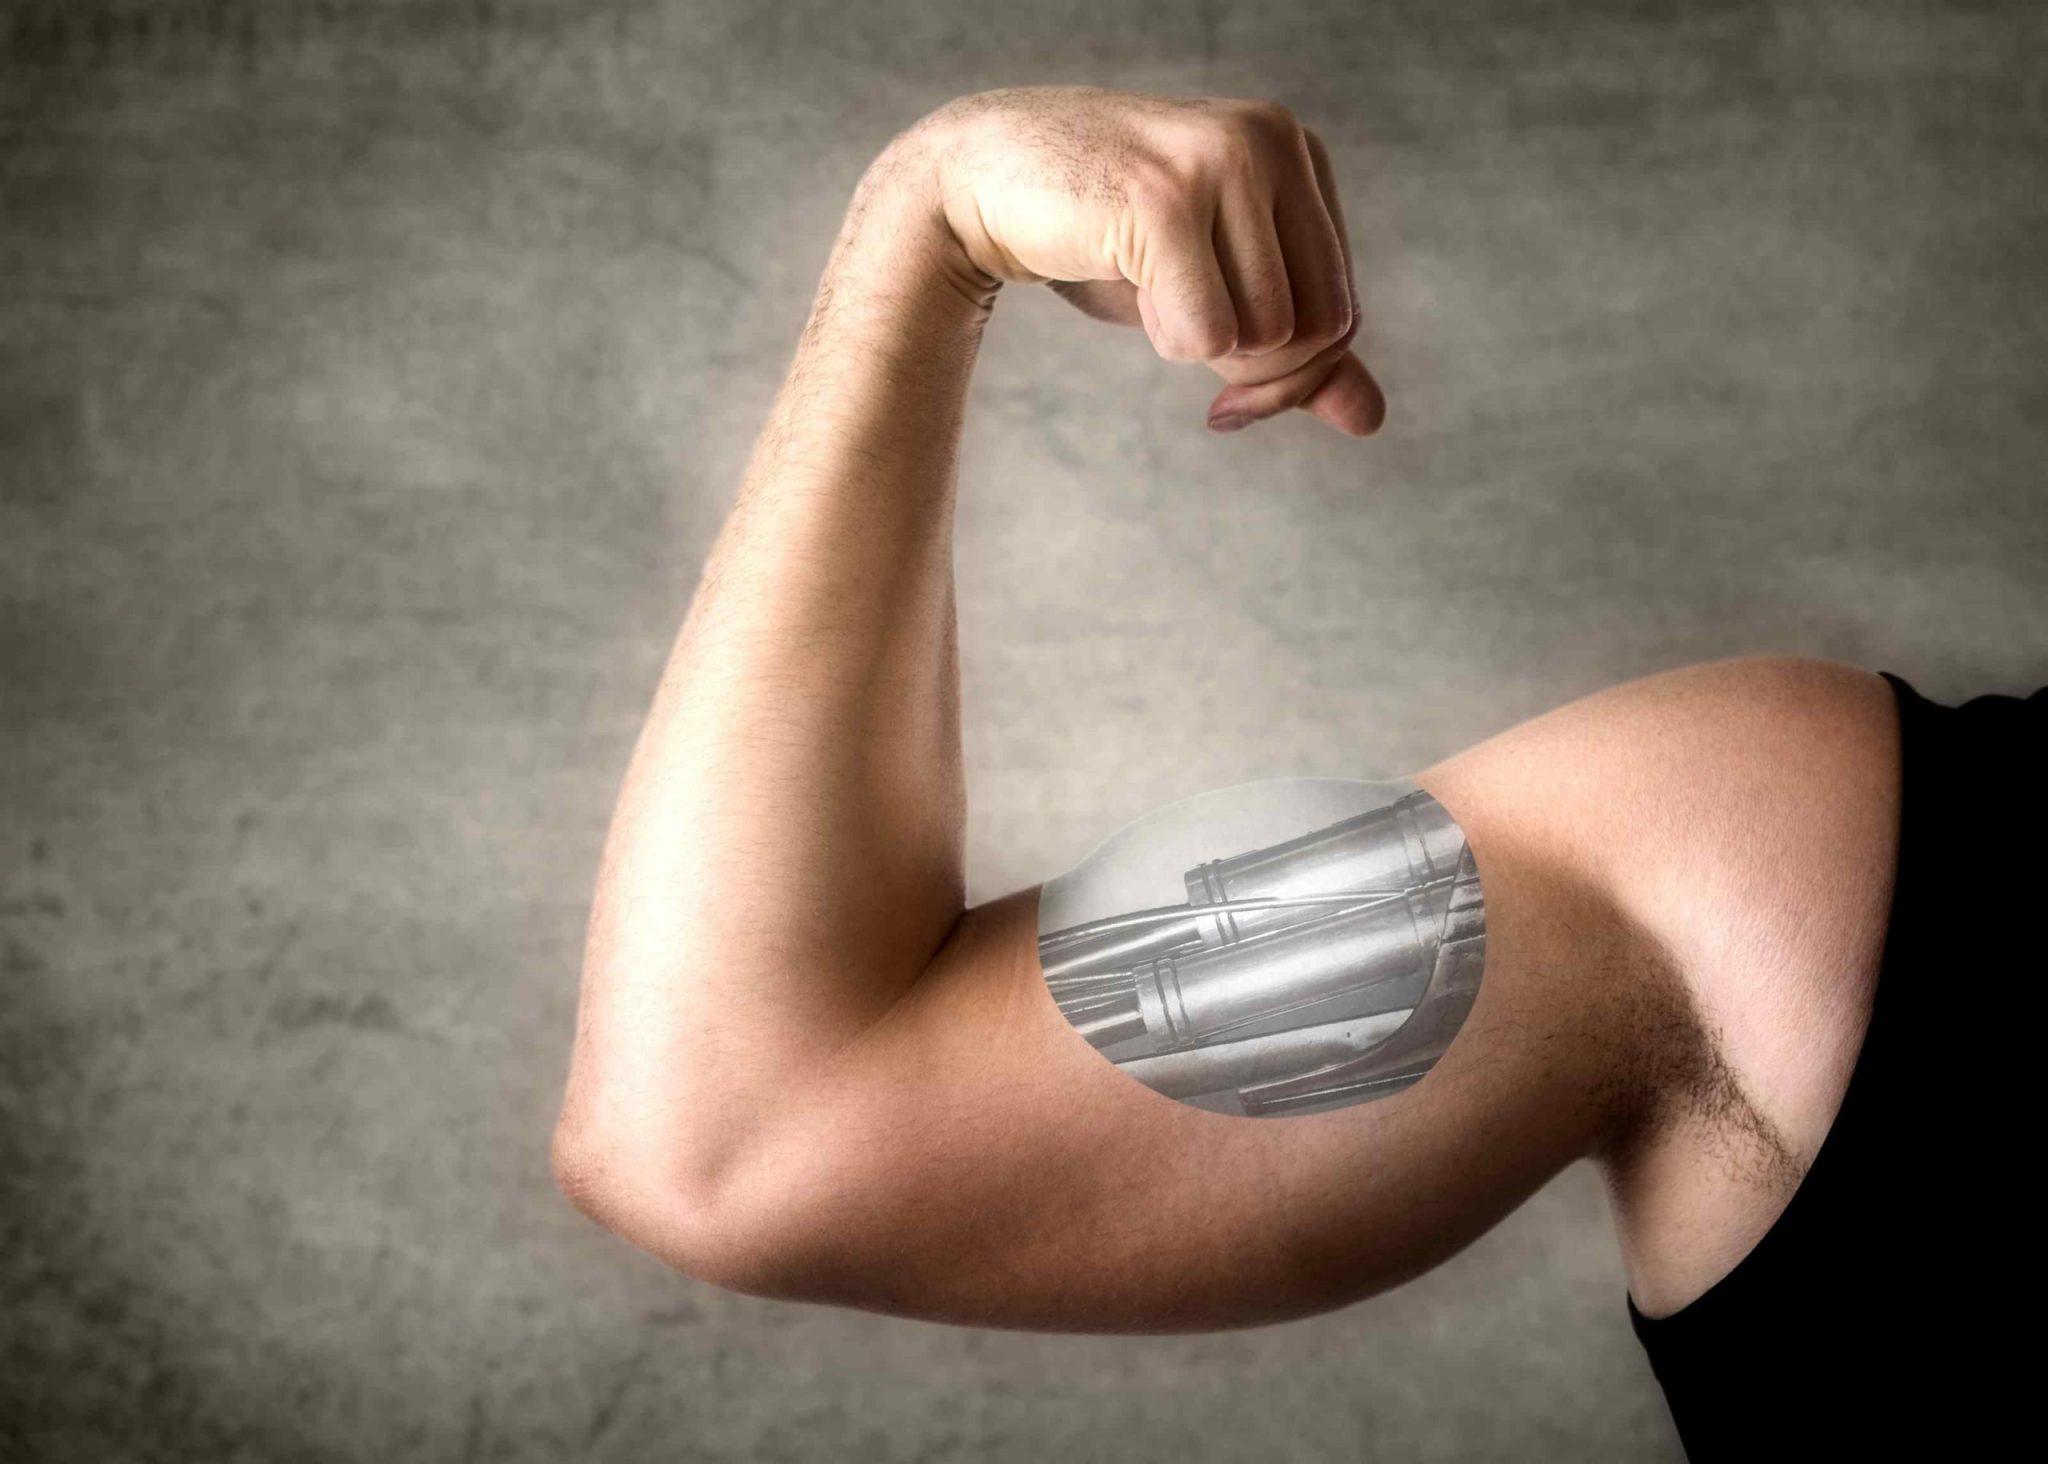 Физическая нагрузка не помогает компенсировать вред от ожирения